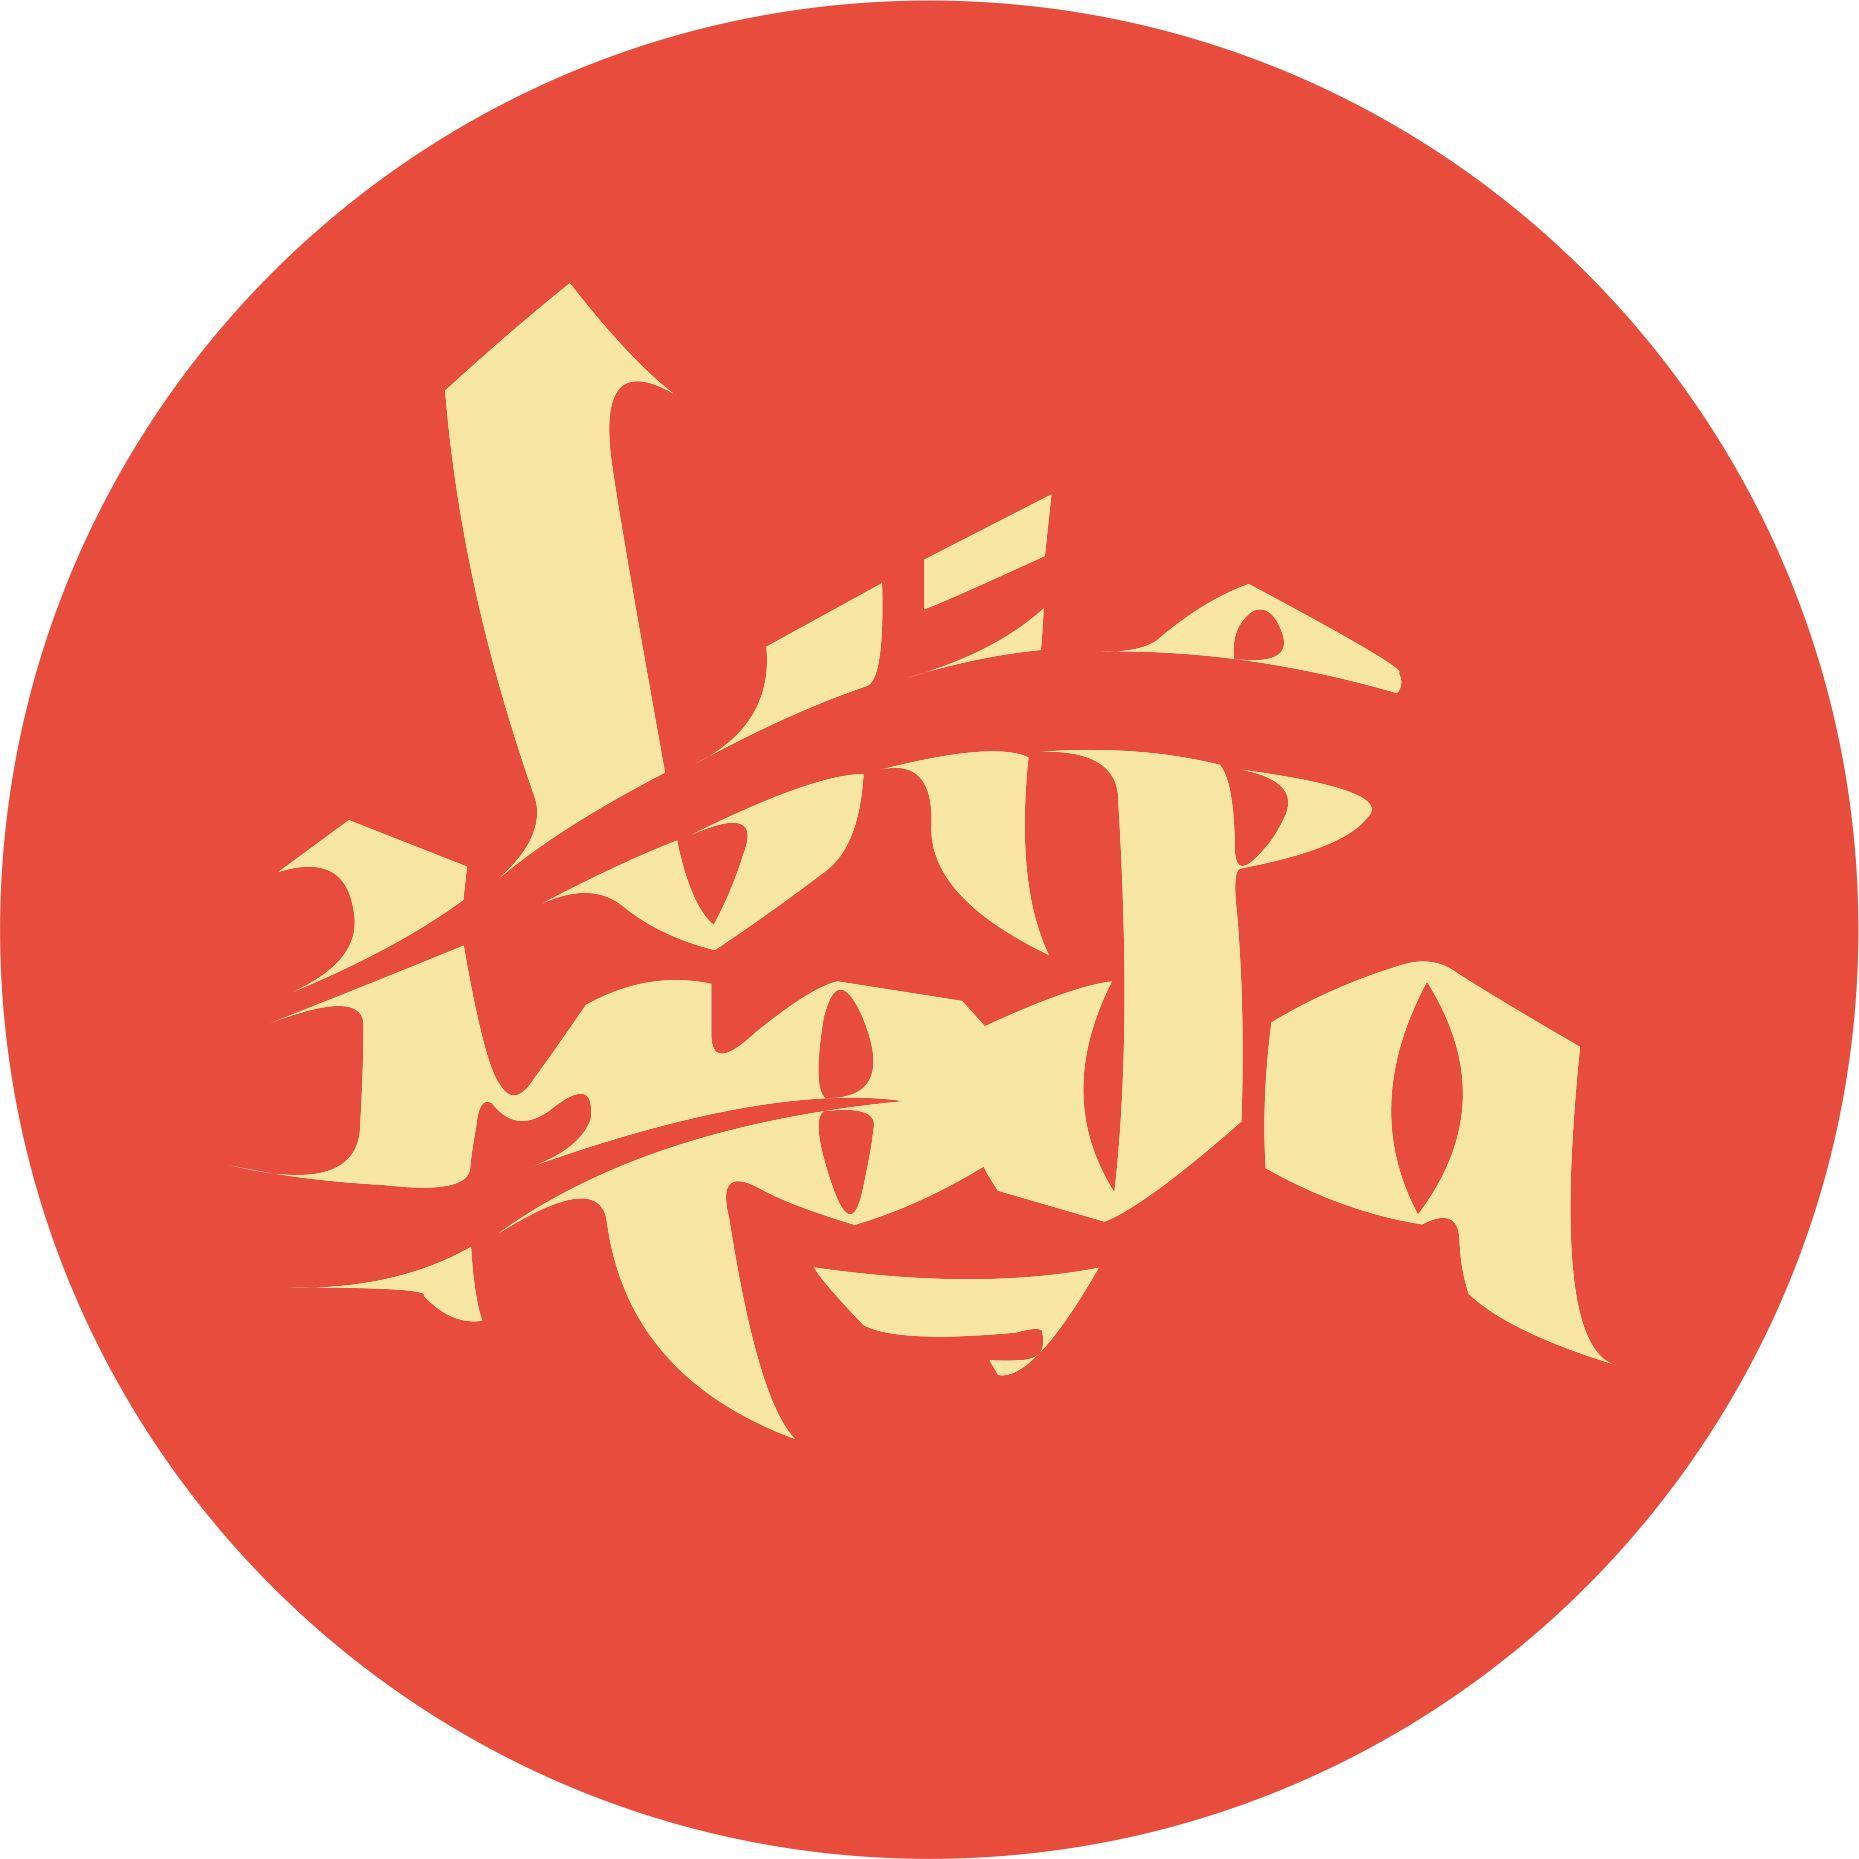 Лого и фирменный стиль компании ВИПМОДА  - дизайнер Askar24